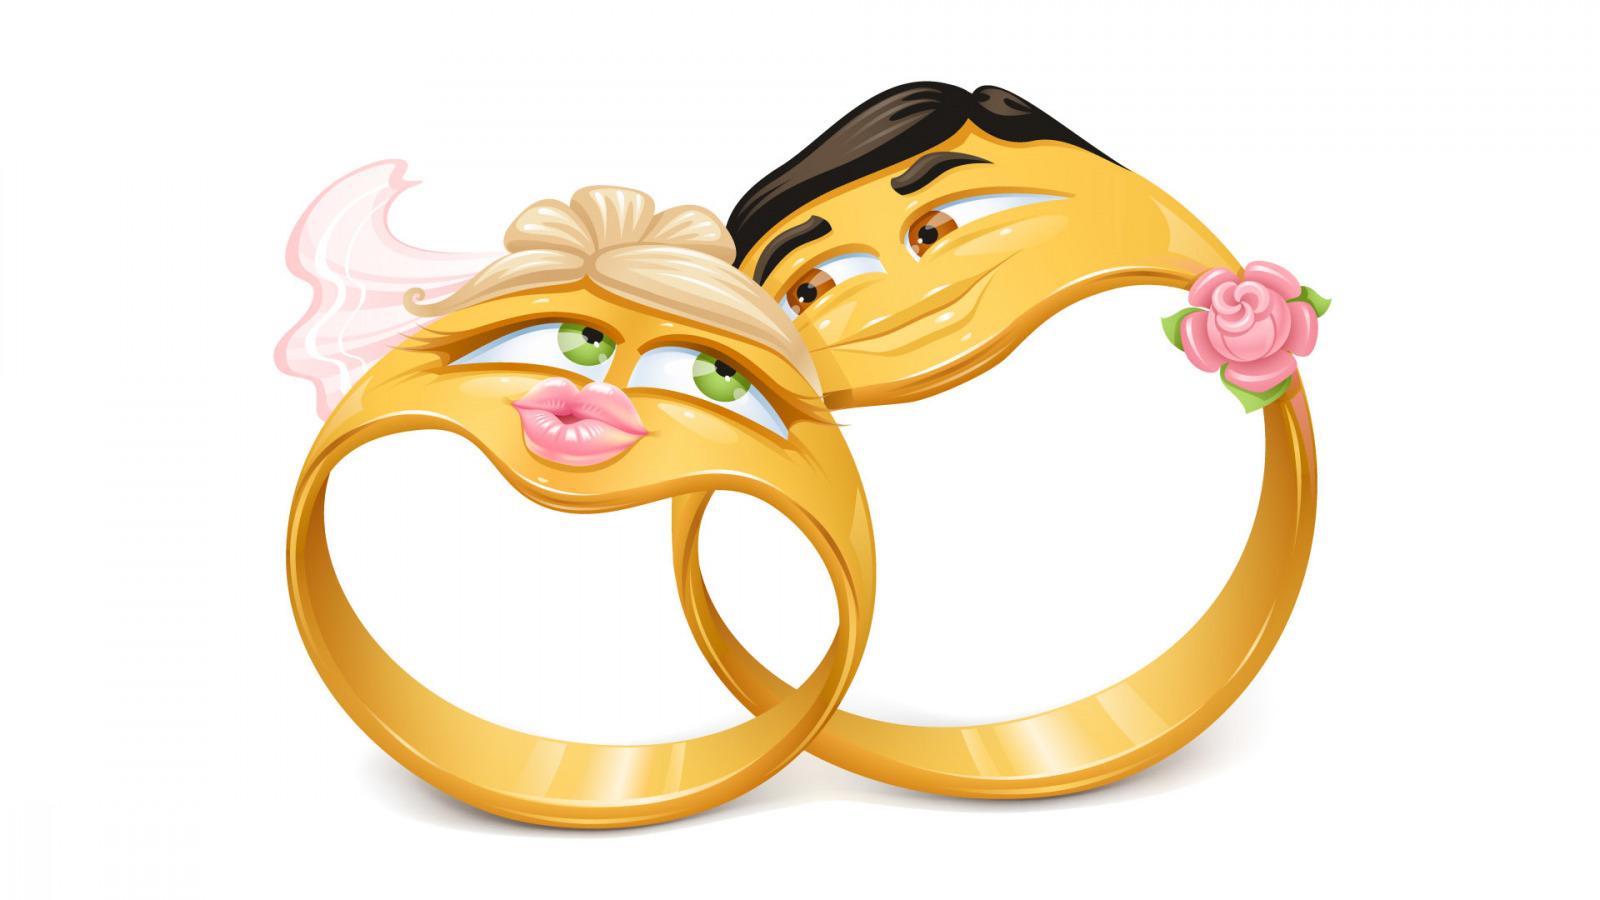 29 лет бархатная свадьба поздравление